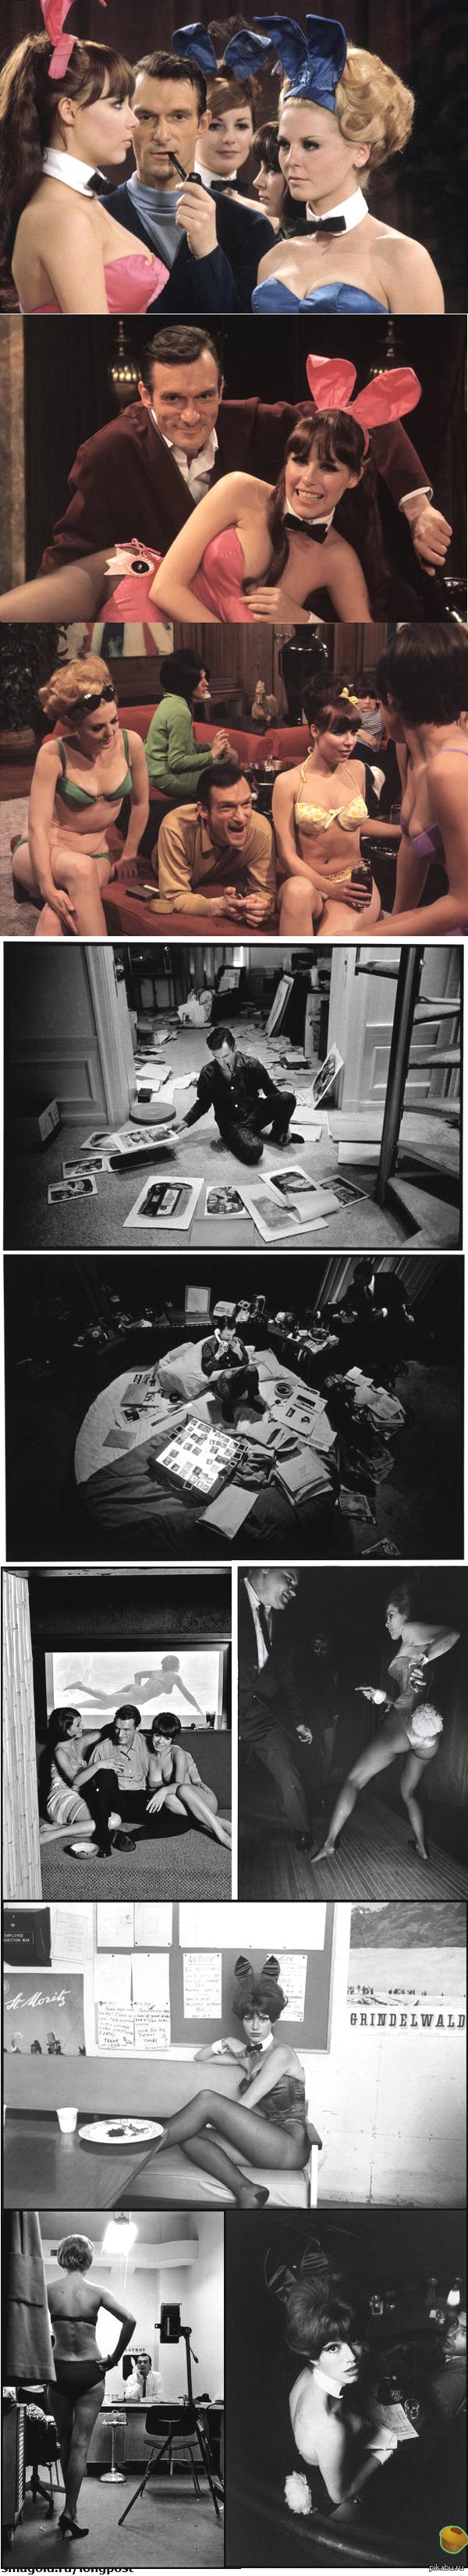 Молодой Хью Хефнер  и классика Playboy Хью Хефнер — американский издатель, основатель и шеф-редактор журнала Playboy, а также основатель компании Playboy Enterprises.